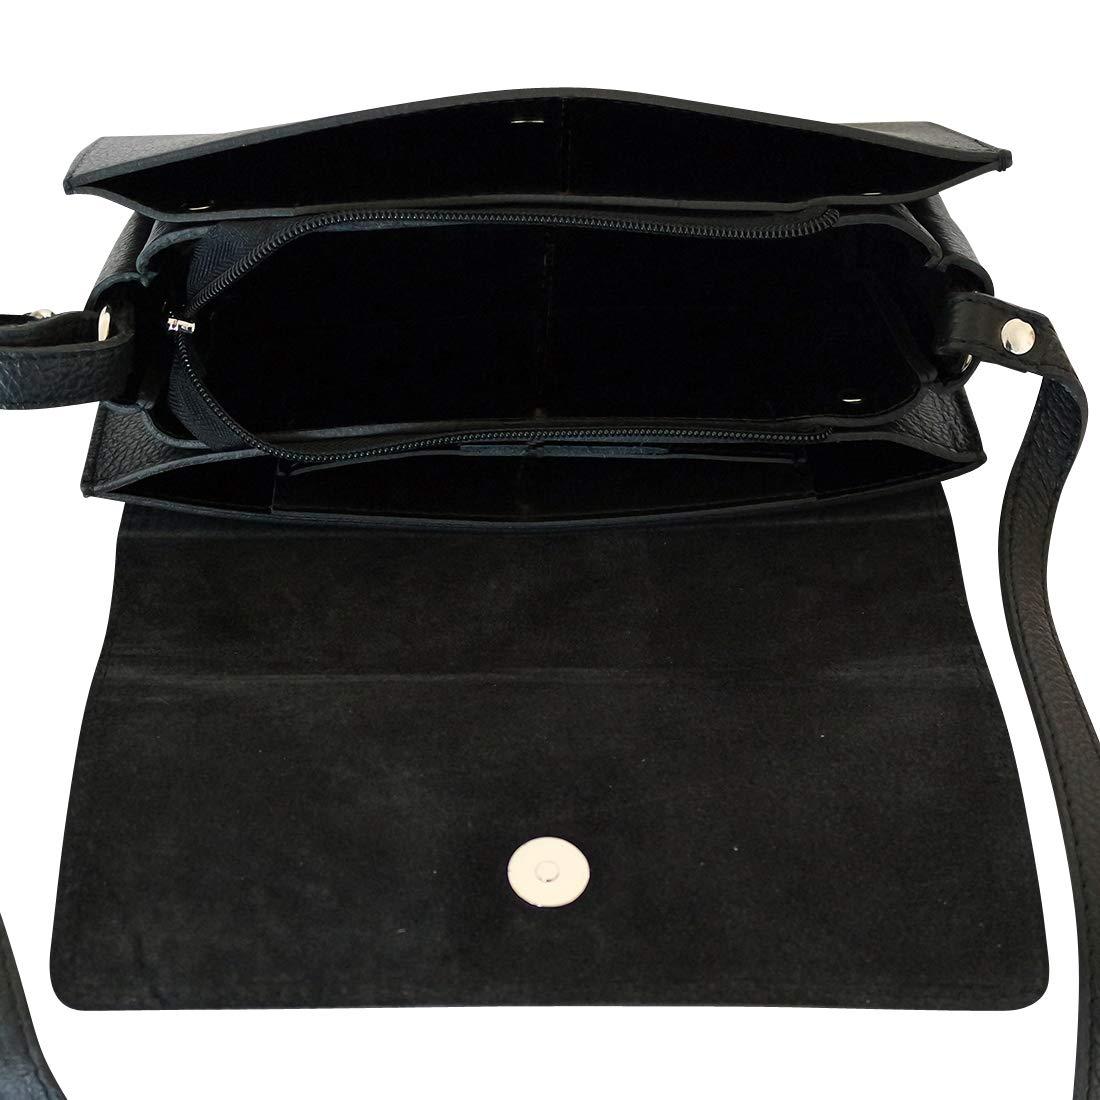 477dadb8e8 Chapeau-tendance - Sac à main bandoulière cuir noir Edora - - Femme:  Amazon.fr: Chaussures et Sacs